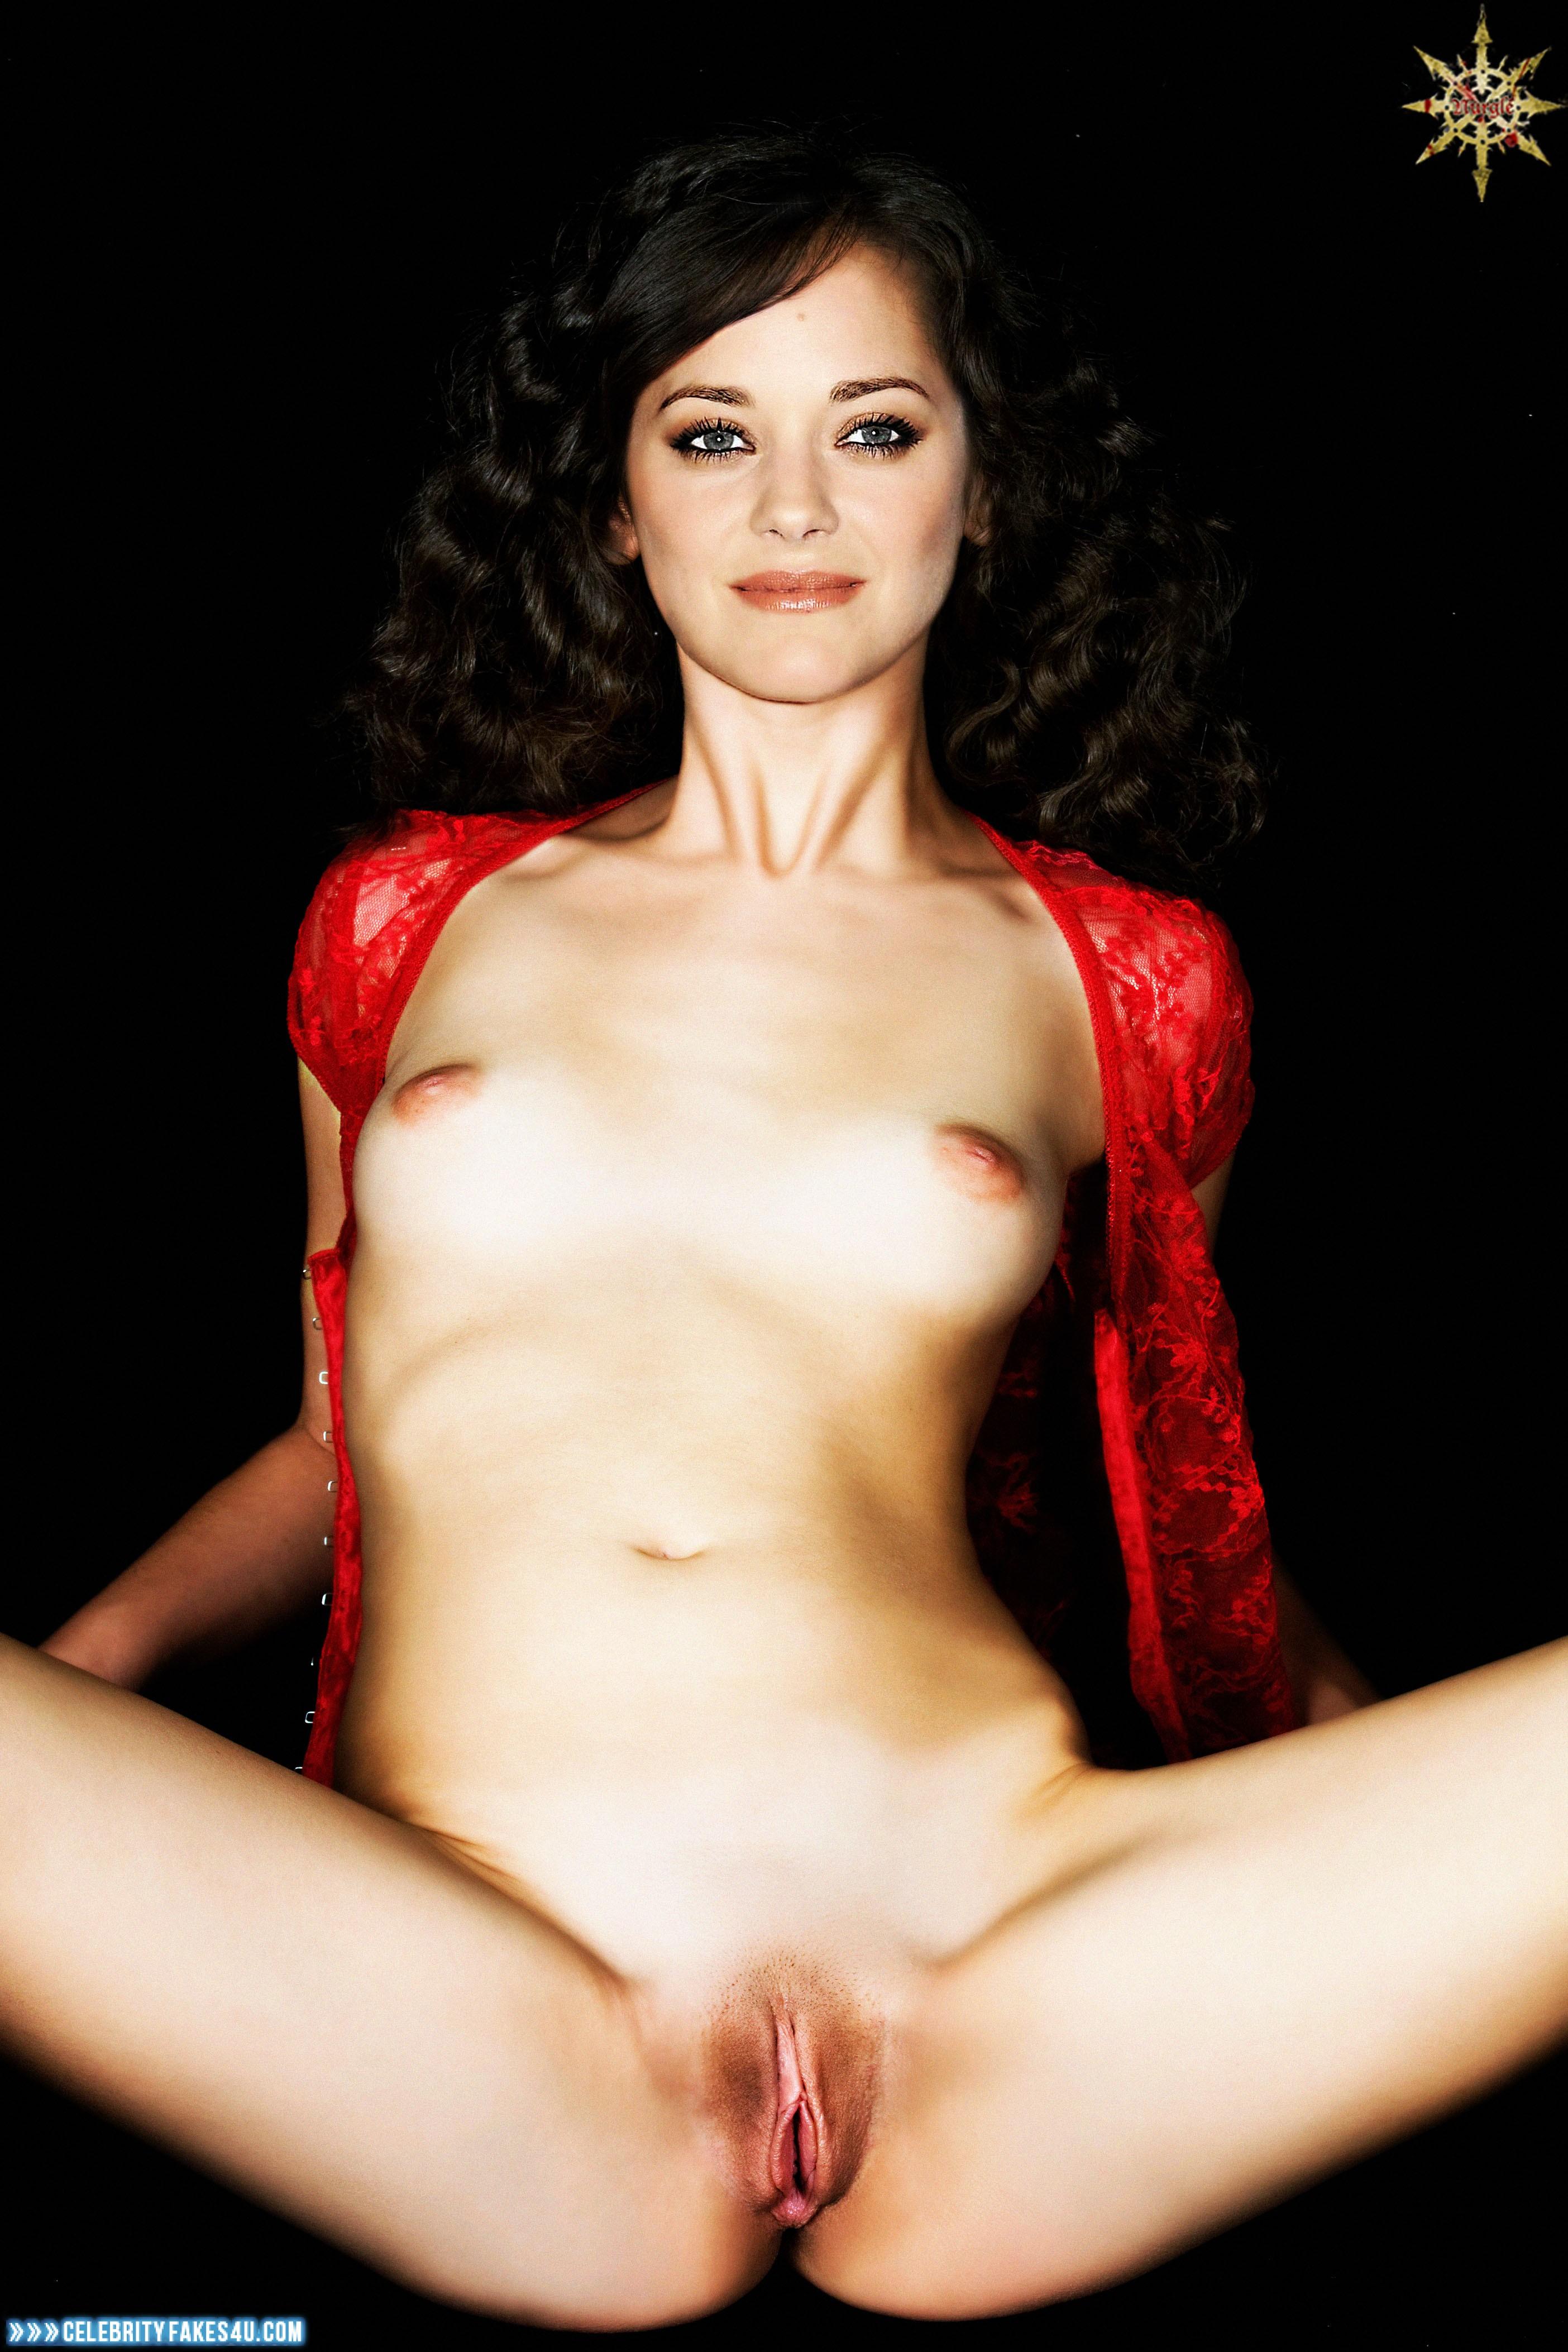 Секс марион котийяр эротическое фото порно подборка секс